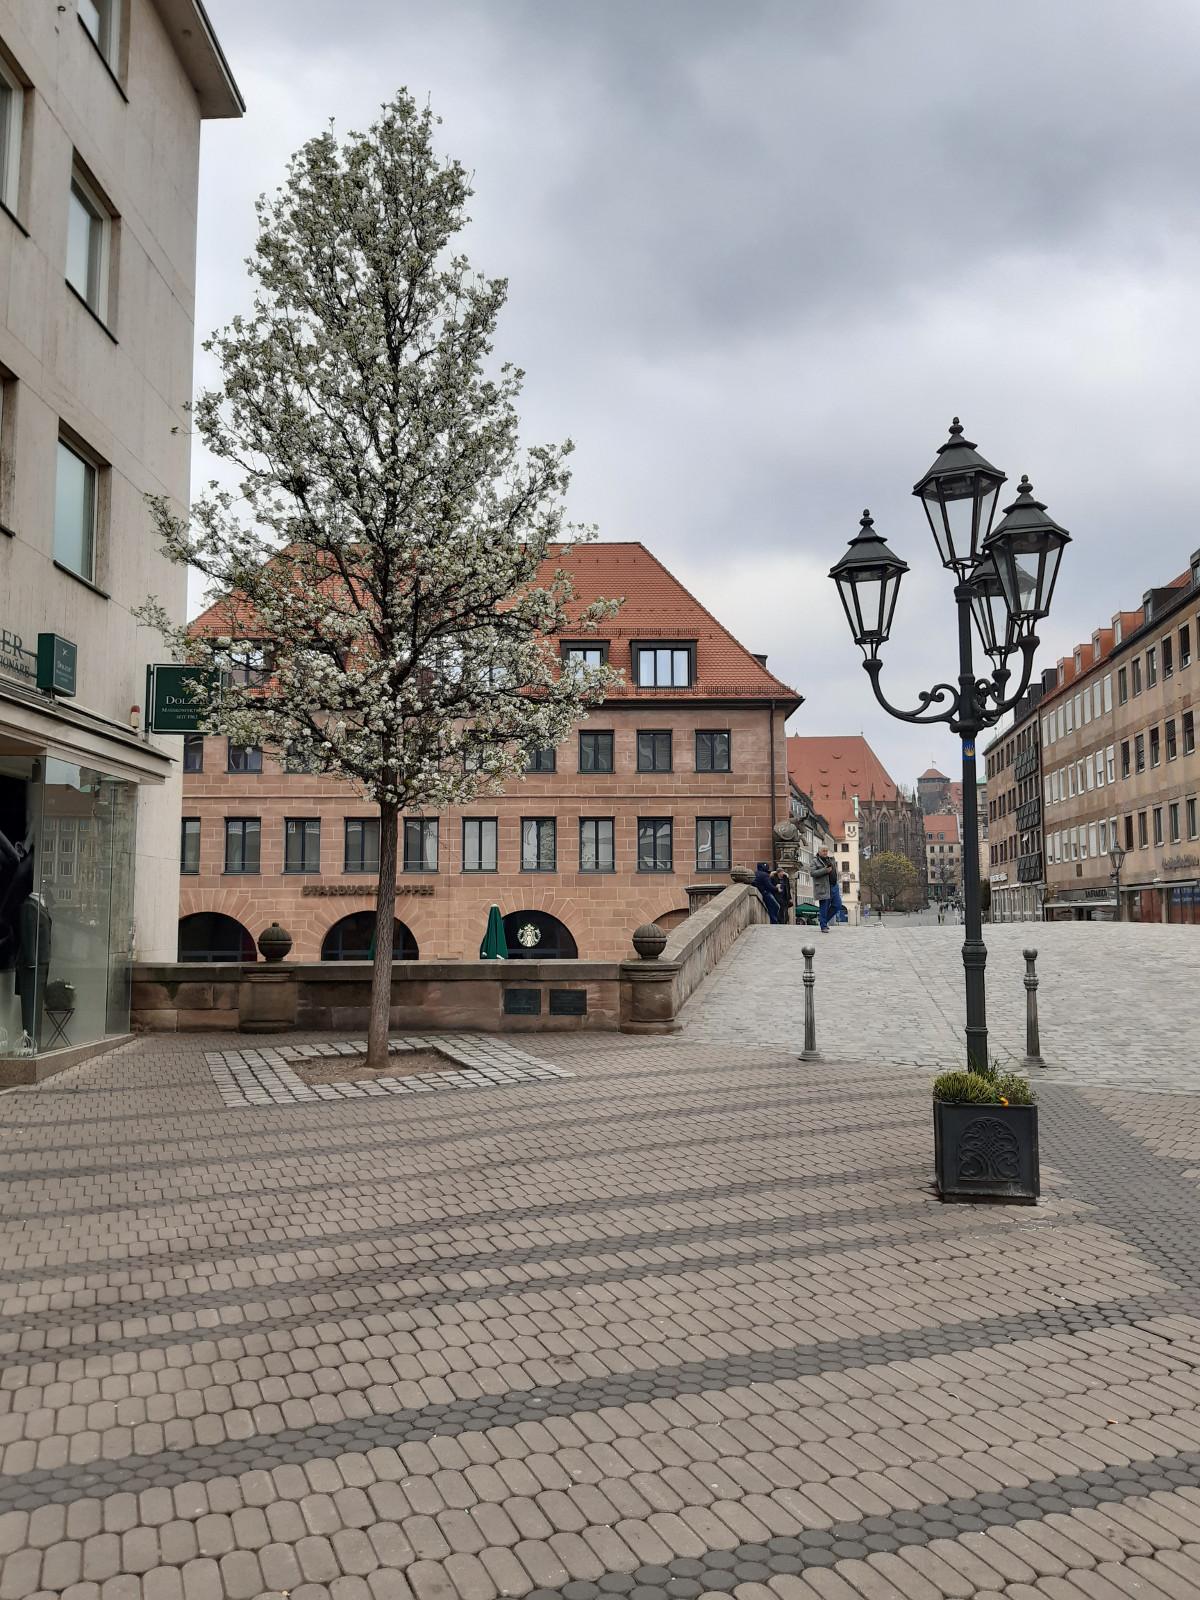 2021-05-01-03-50-00-11Fleischbruuecke.jpg - Atelier Haberbosch Nürnberg